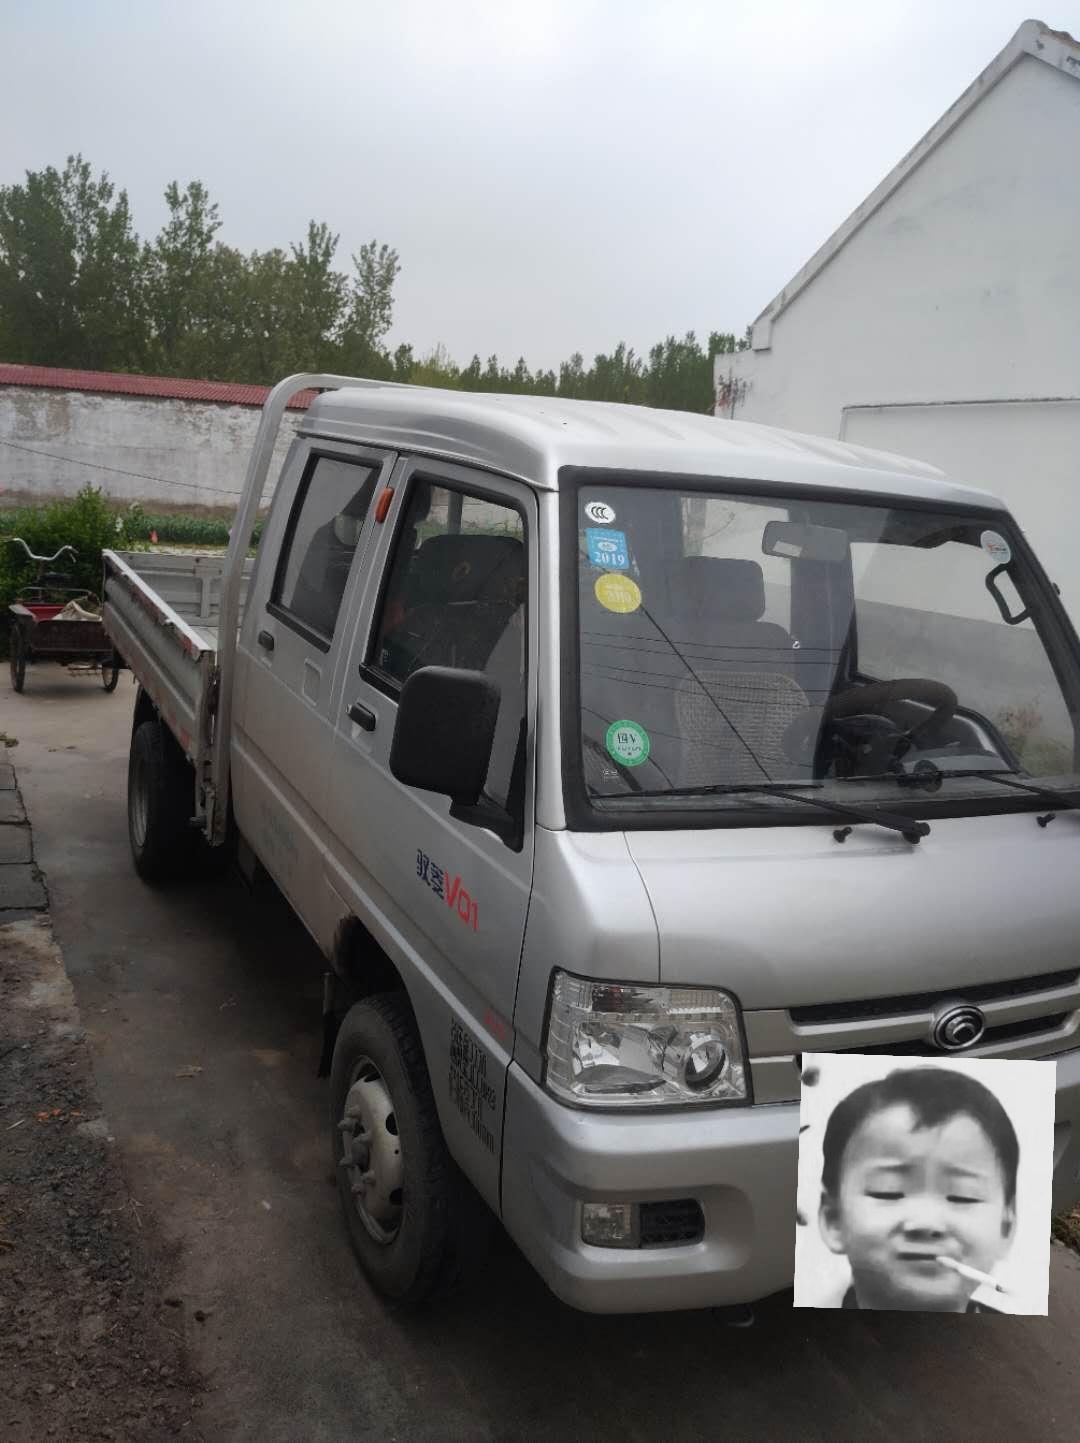 福田 驭菱VQ1 1.5L 116马力 汽油 3.05米单排栏板微卡(国六)(BJ1030V5JV3-51)口碑